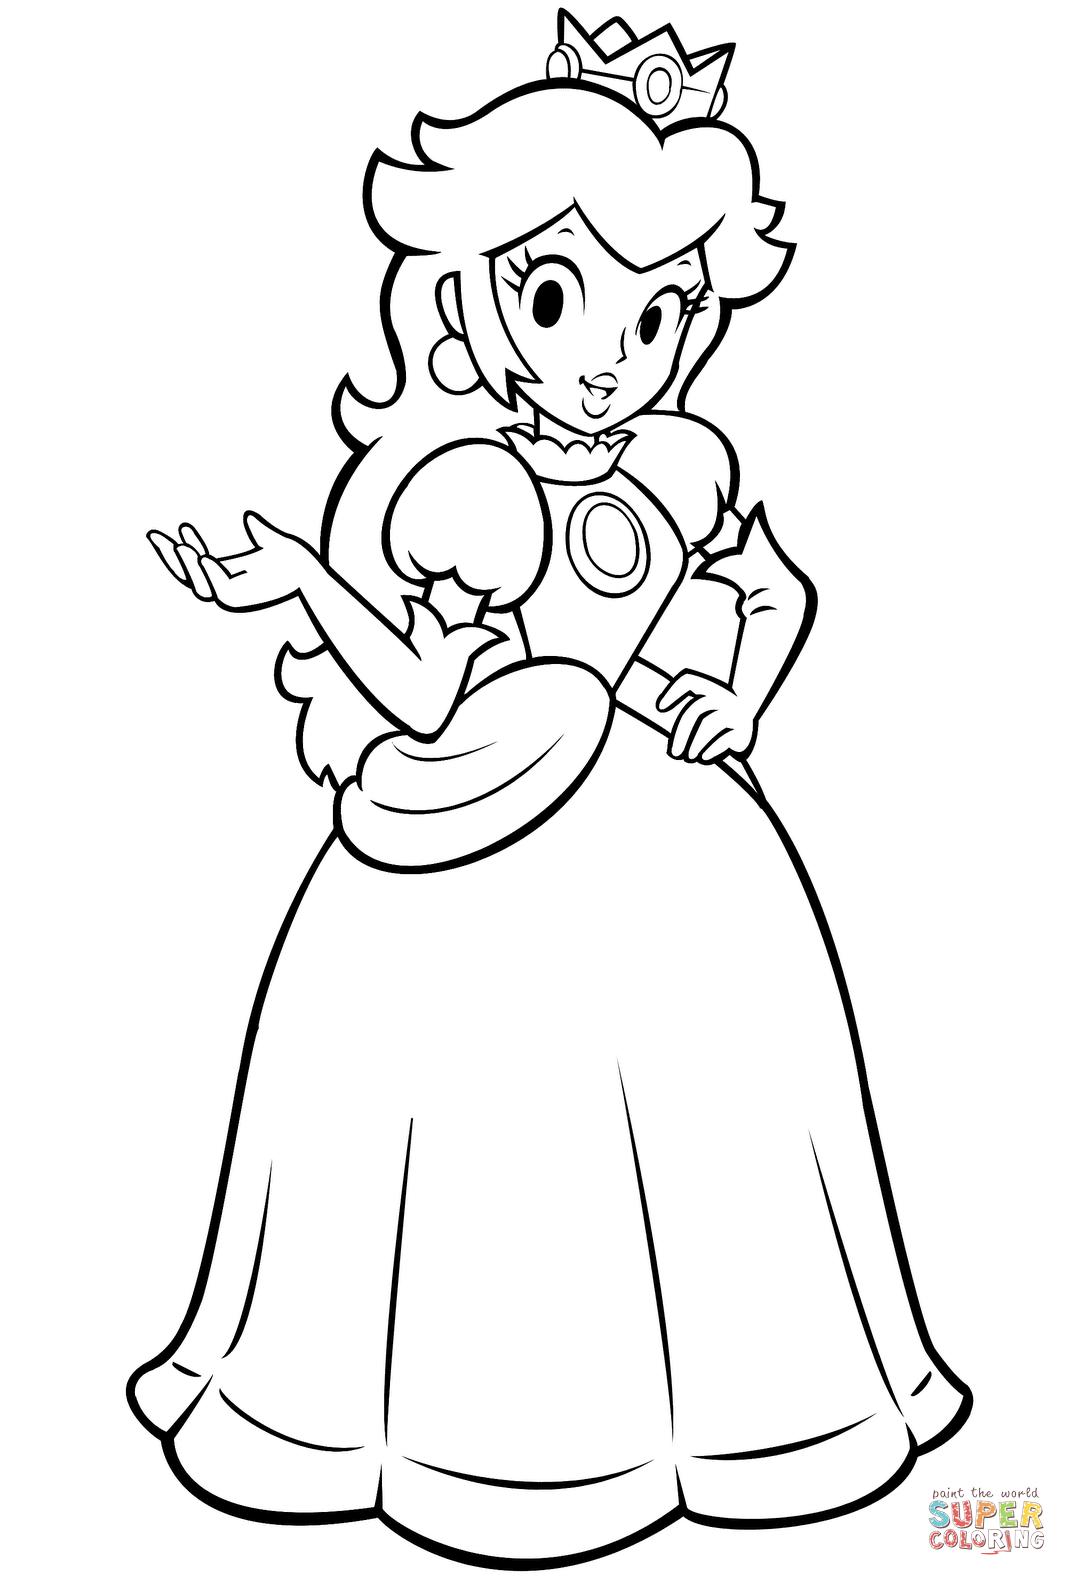 Mario Bros Princess Peach Coloring Page Free Printable Coloring